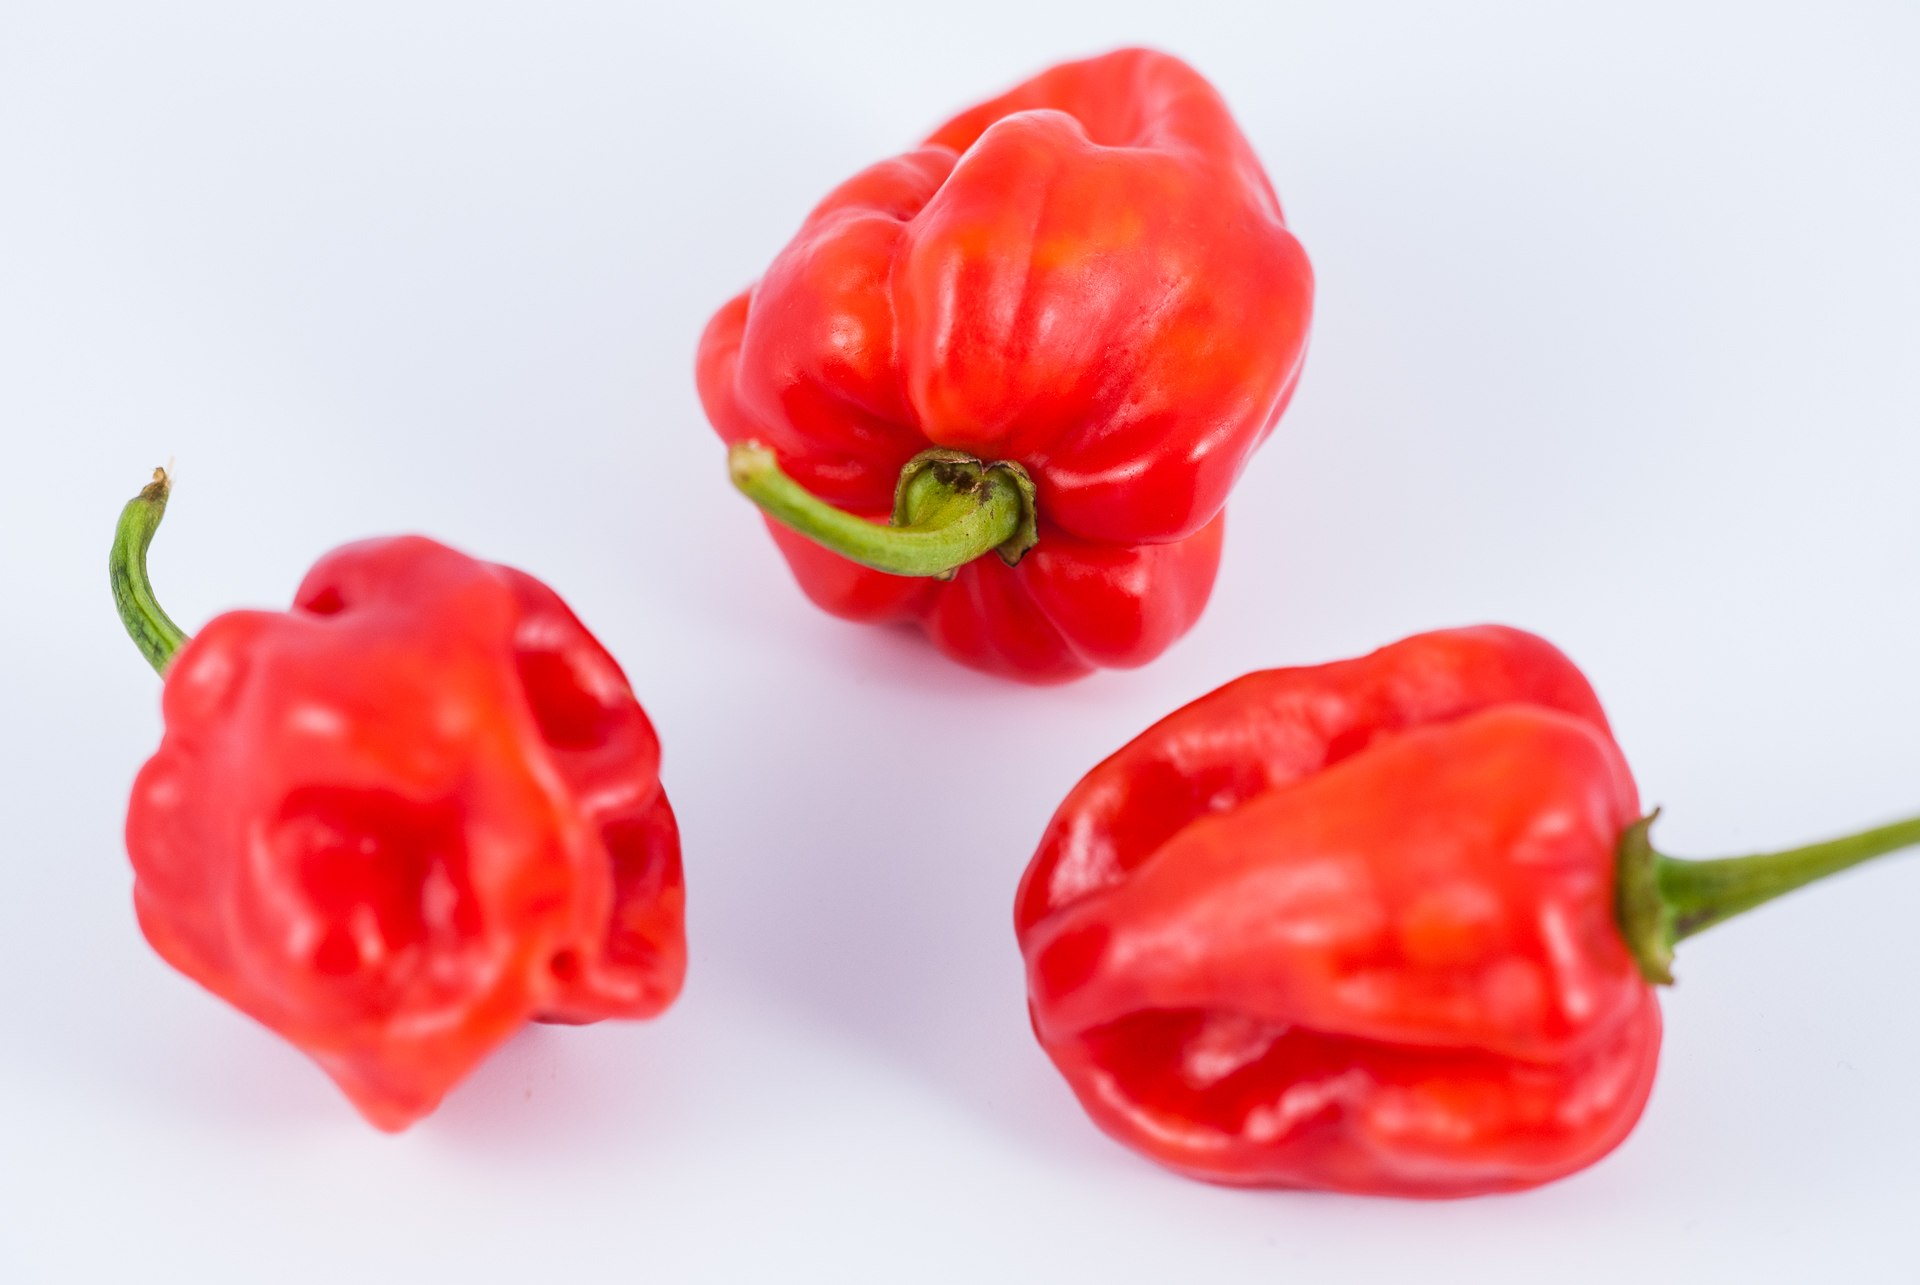 PI 439356 - Capsicum annuum - Chilisorte